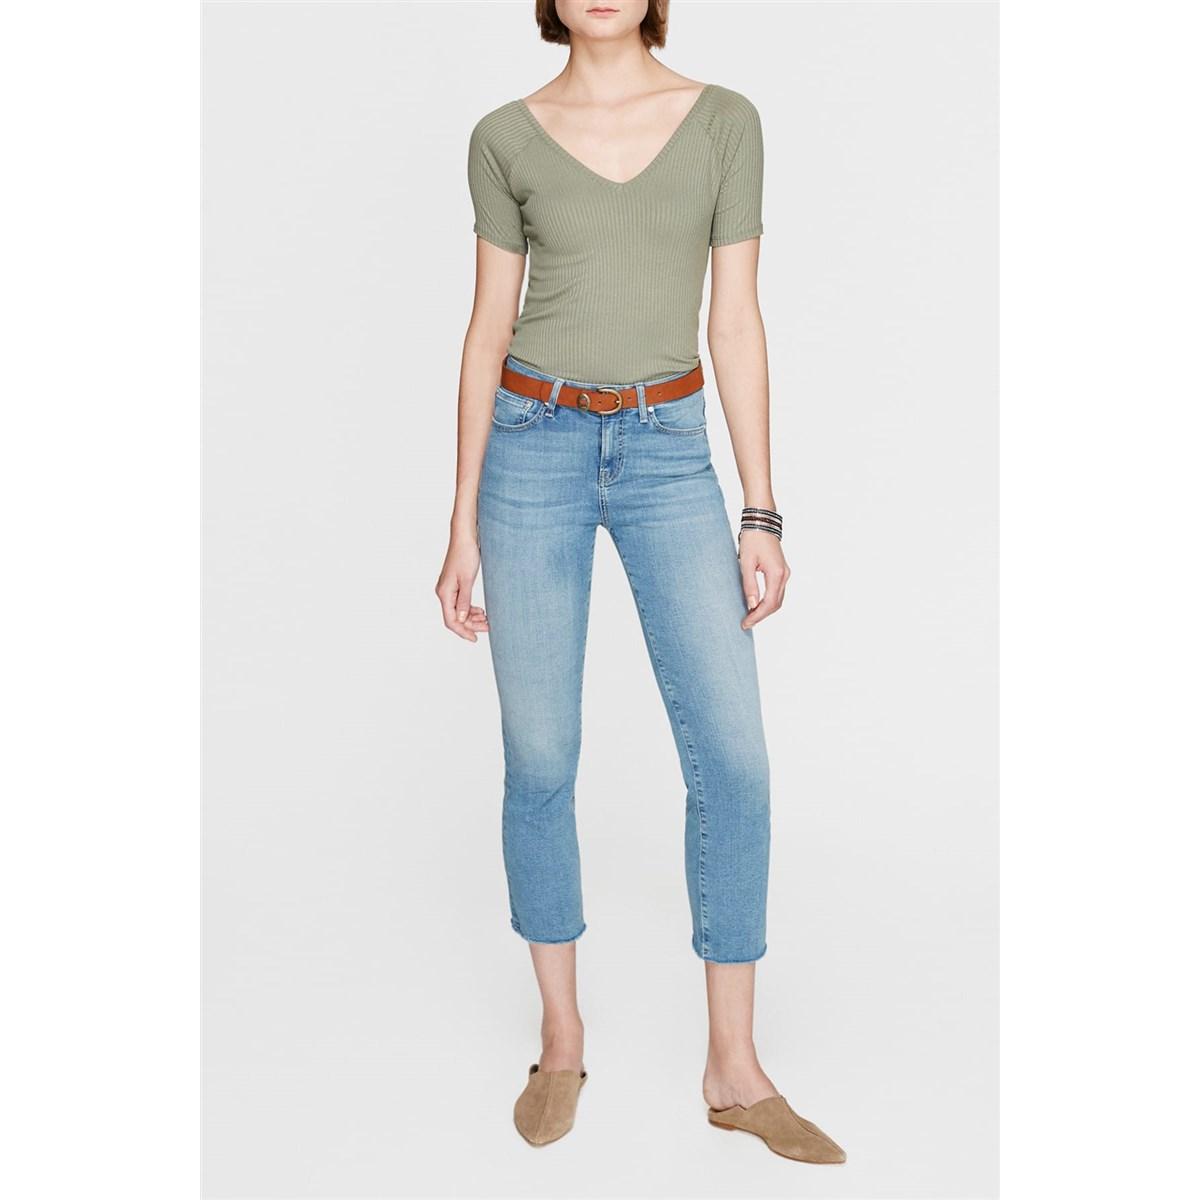 Mavi V Yaka Kadın Safari Yeşili Basic Tişört